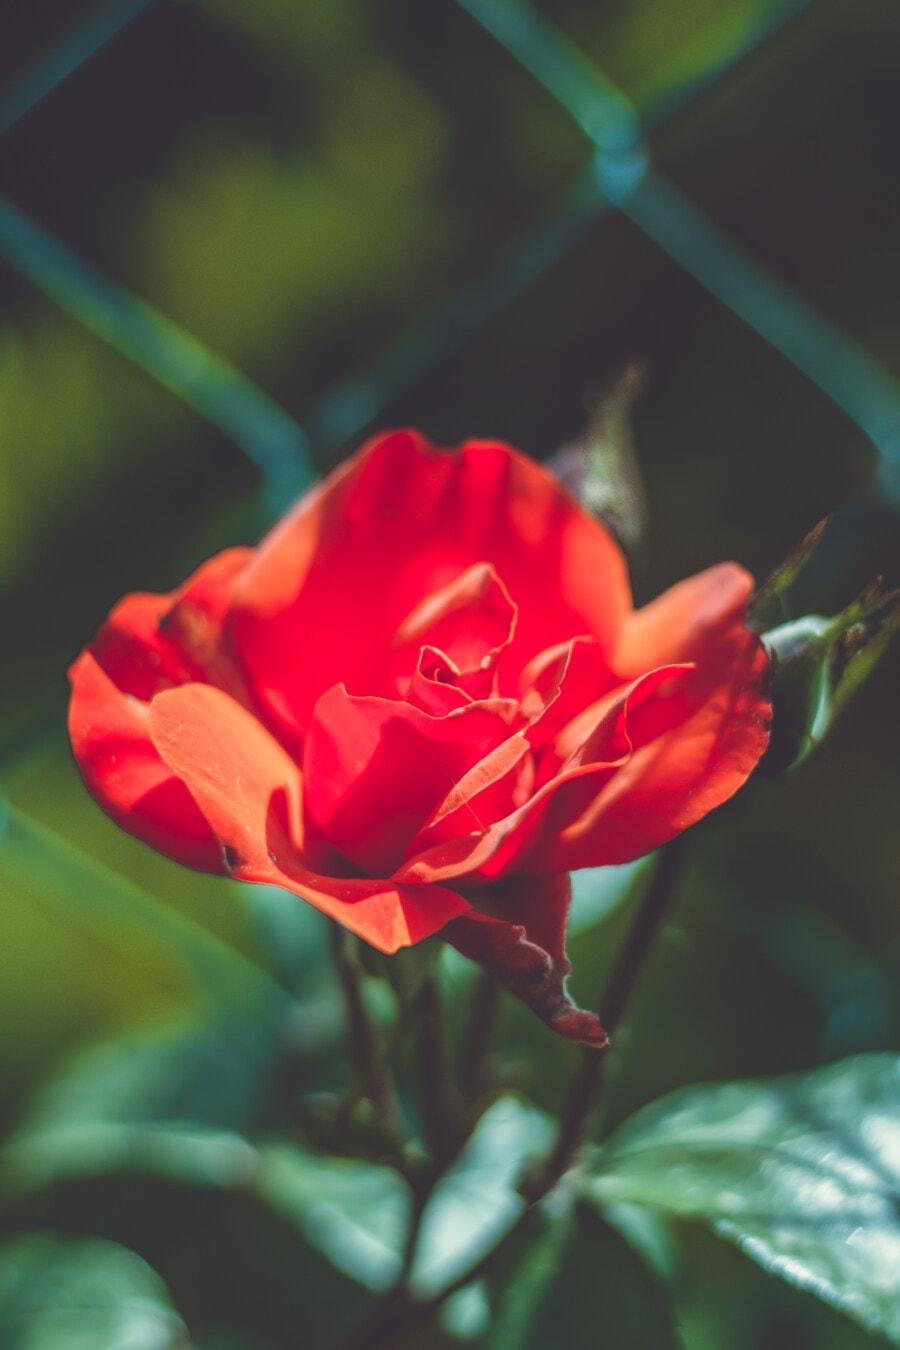 バラ, ローズ, ガーデン, 芽, ピンク, 低木, ブルーム, 花, フローラ, 花びら